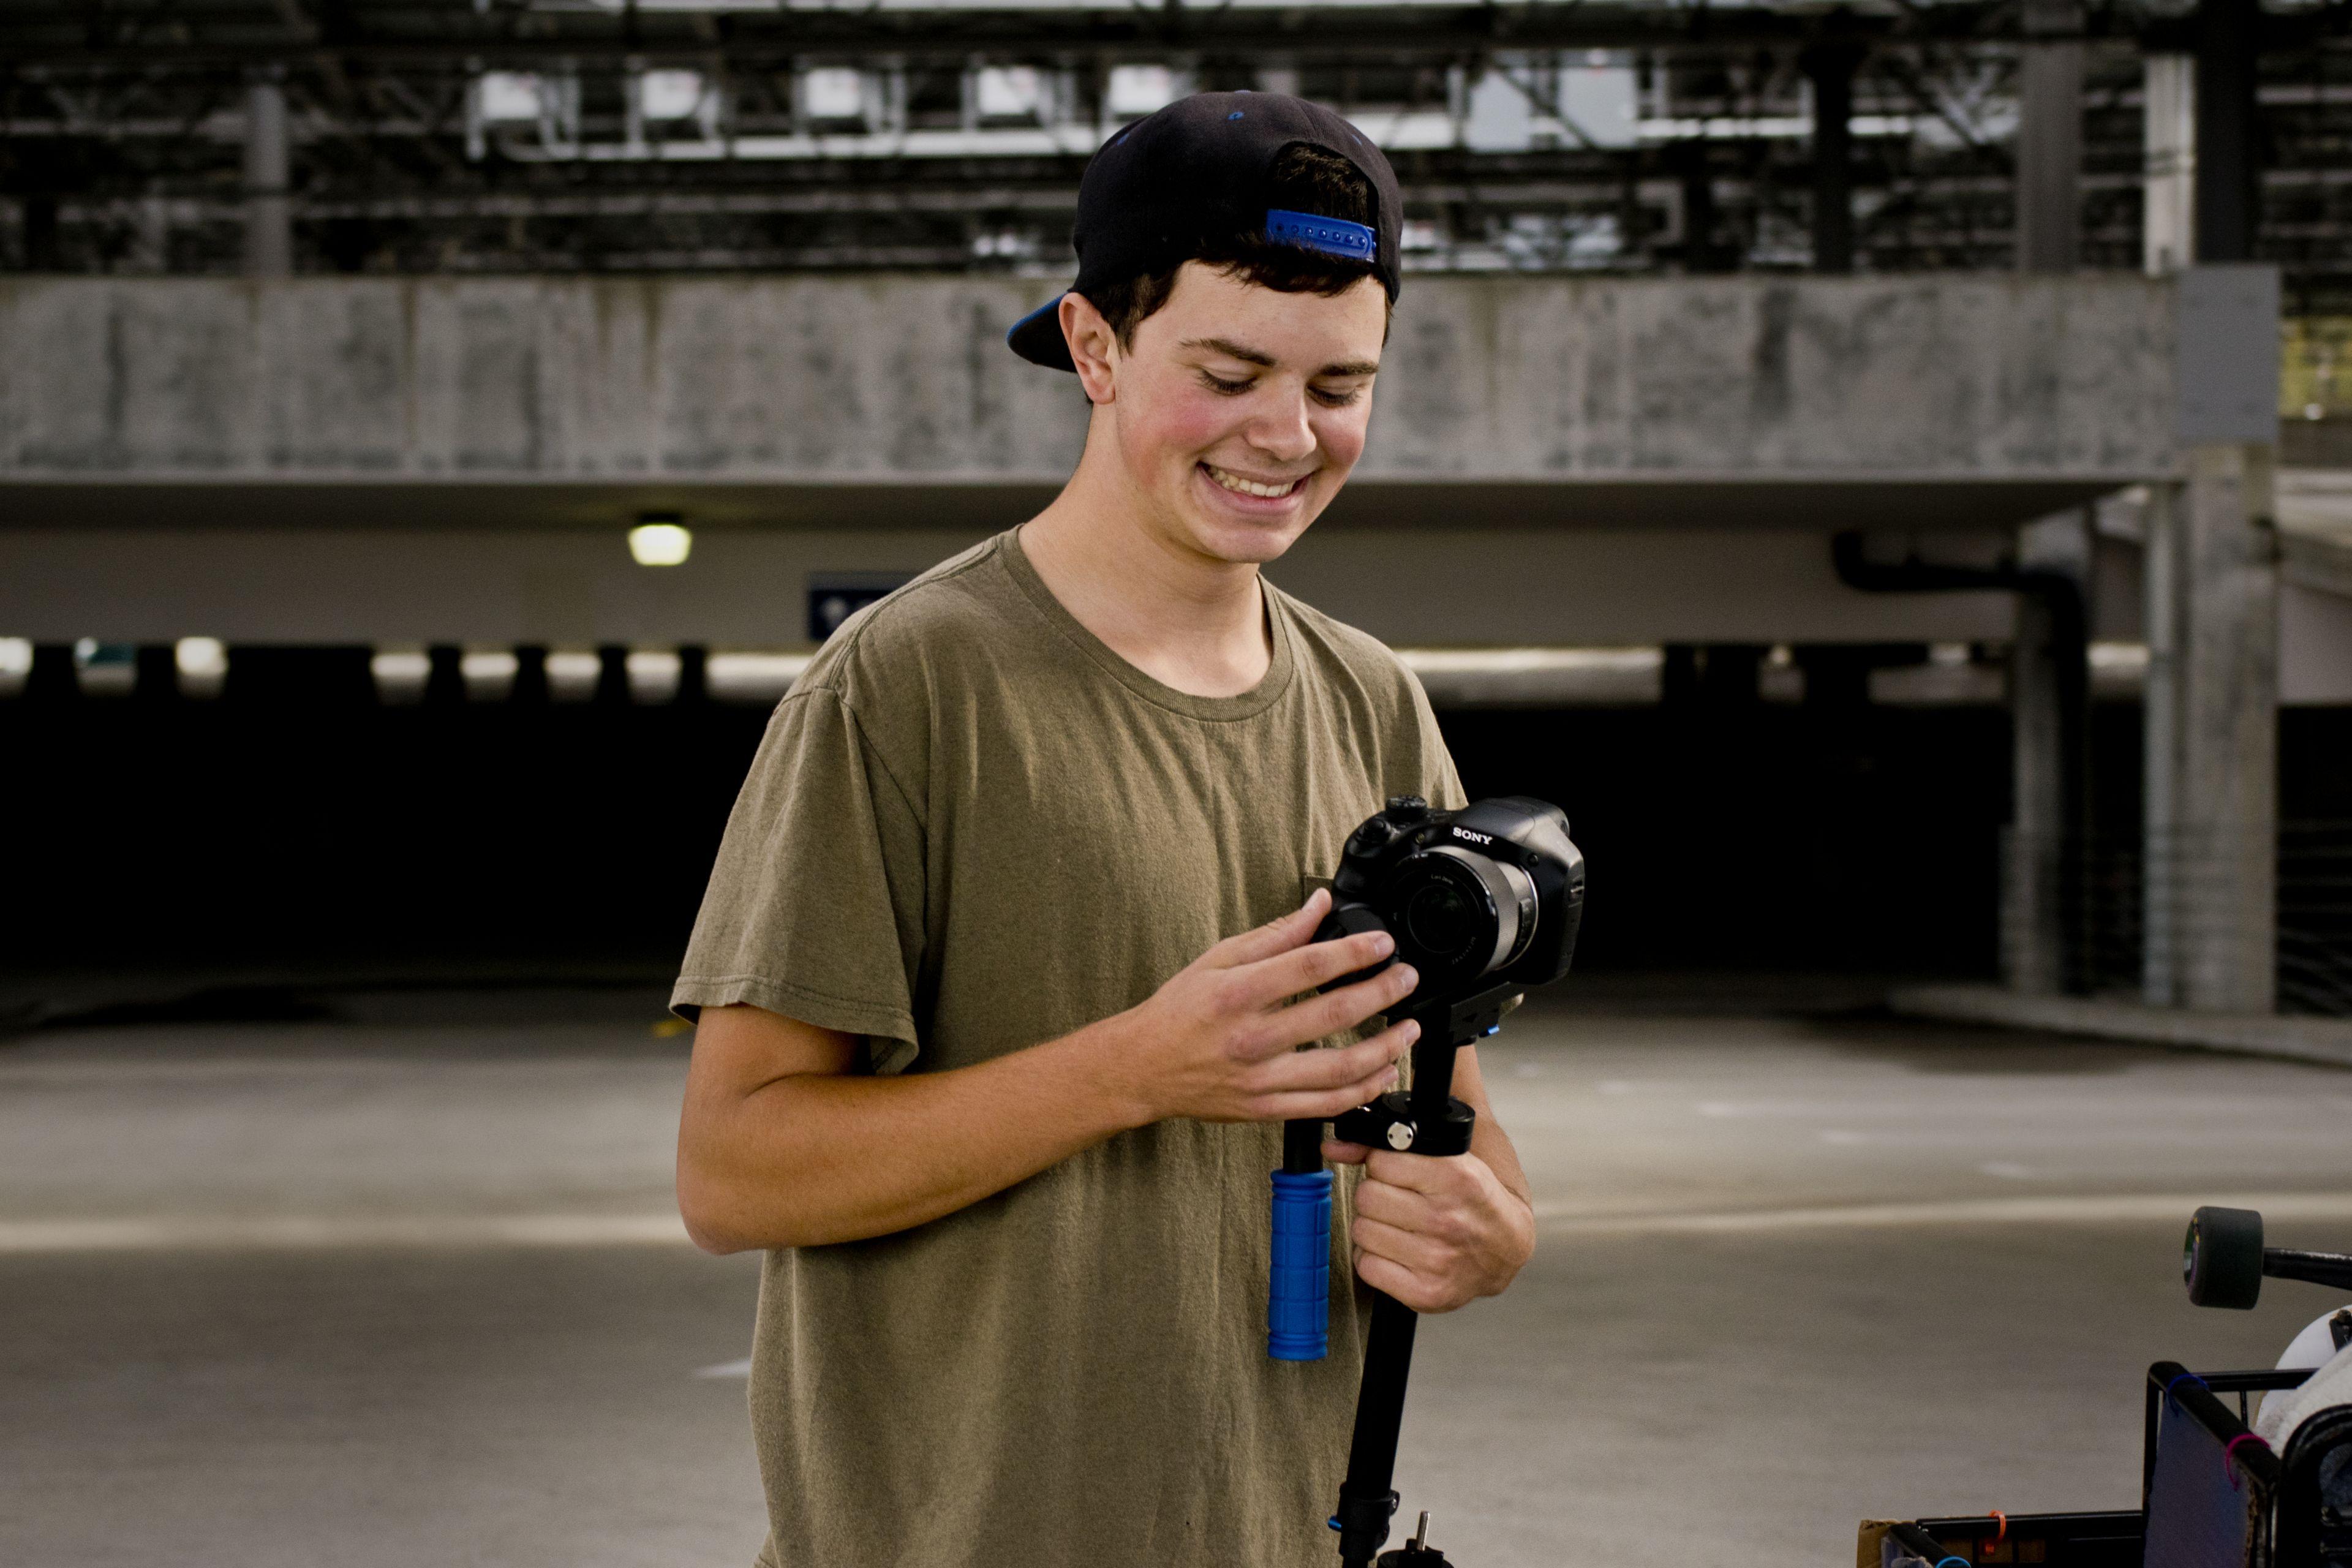 Filmtools Filmmaker Friday featuring Filmmaker Brandon Yavas 3